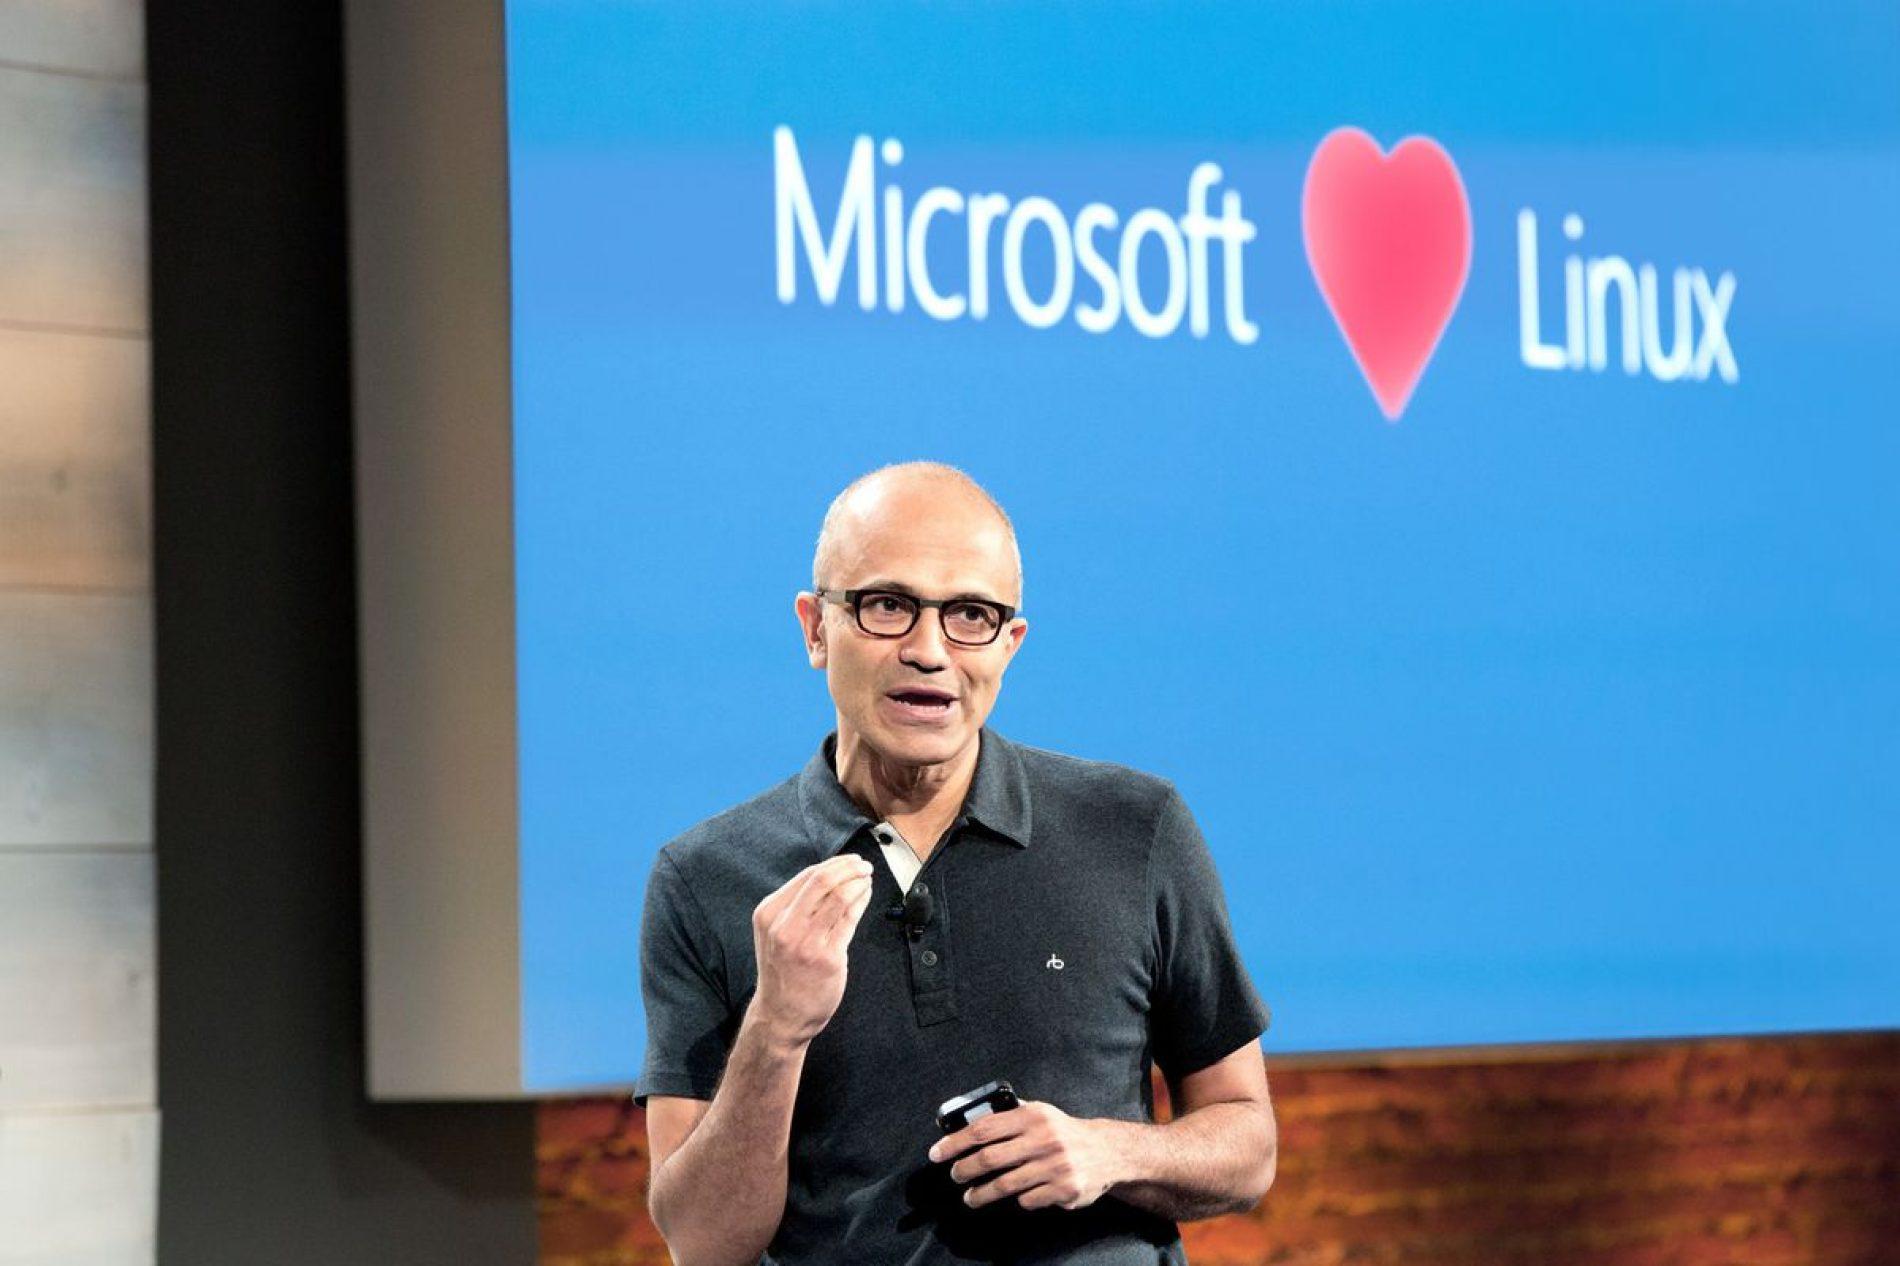 Linux criado pela Microsoft será lançado em breve